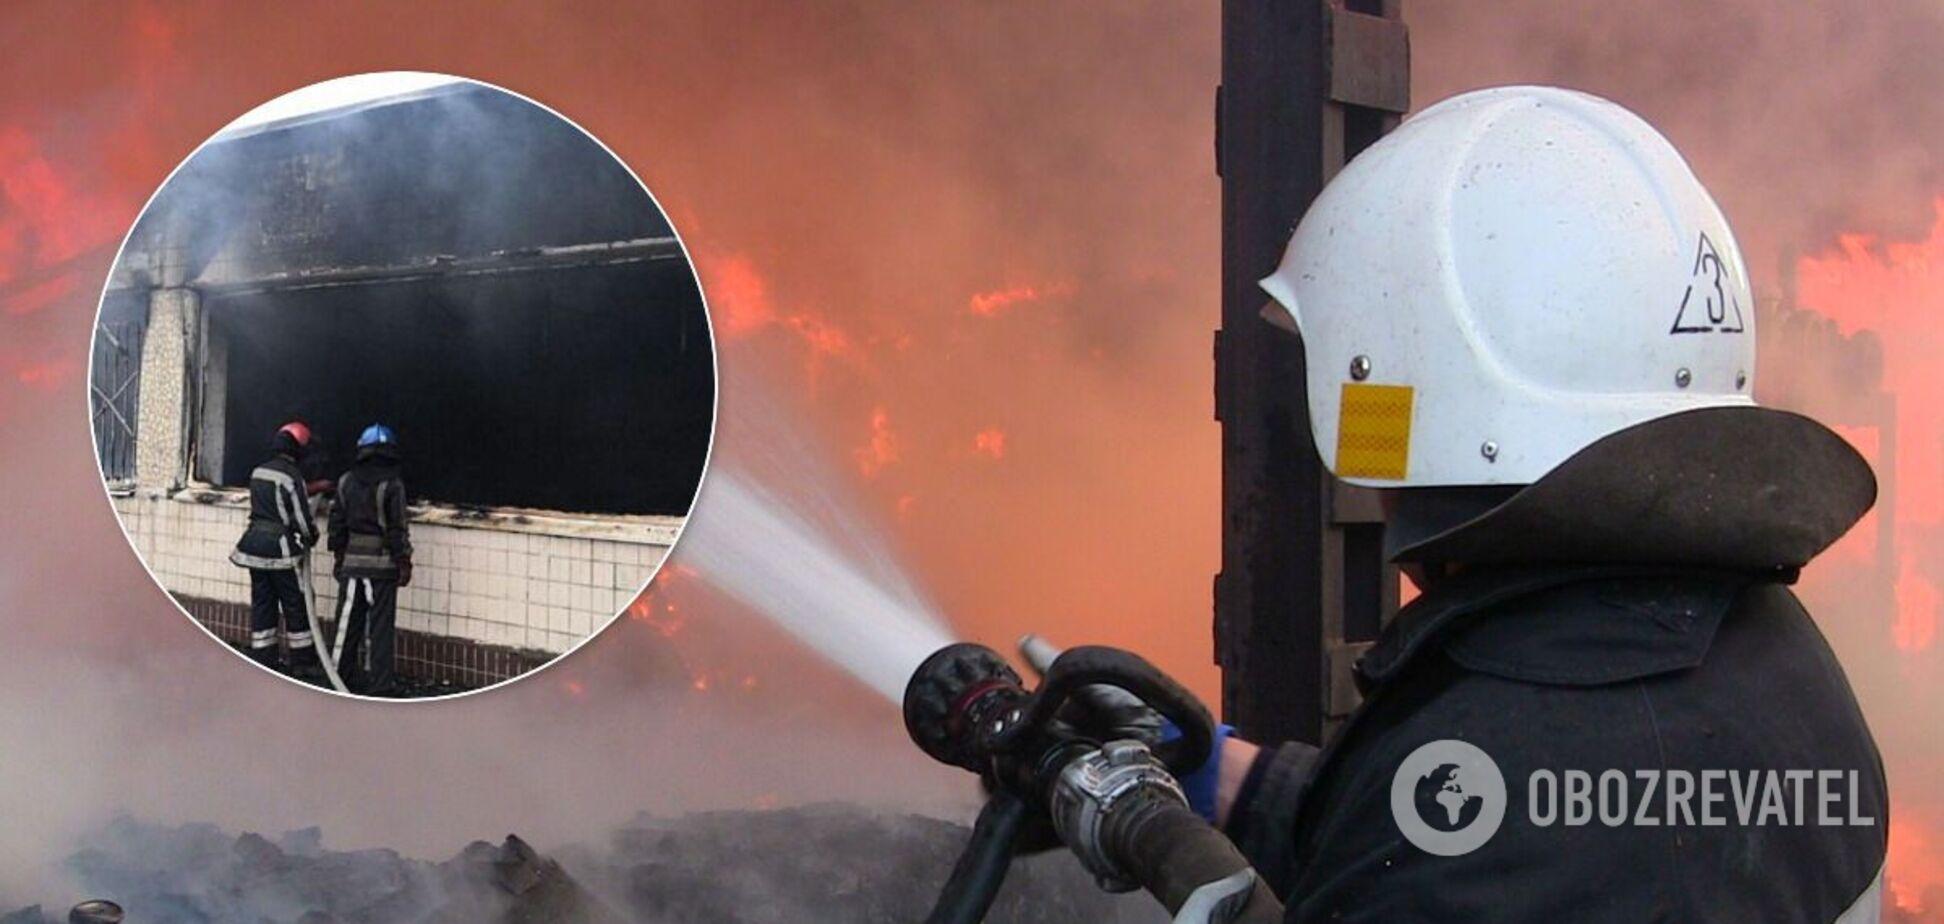 В Кривом Роге из-за пожара в школе эвакуировали детей и сотрудников. Фото